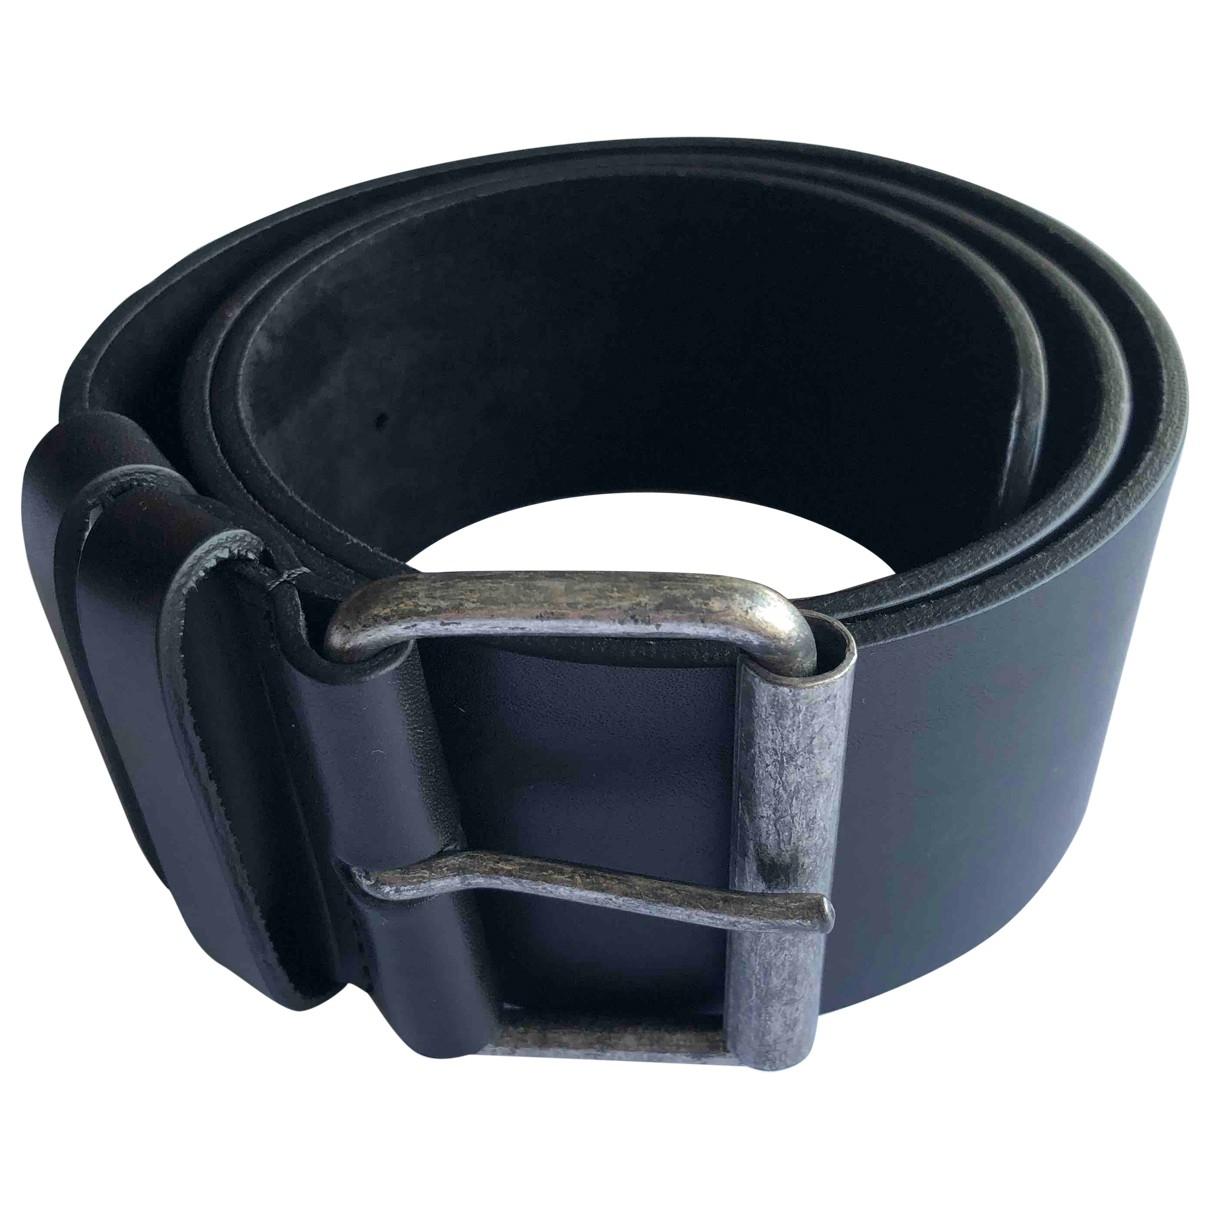 Aspesi \N Black Leather belt for Women 90 cm